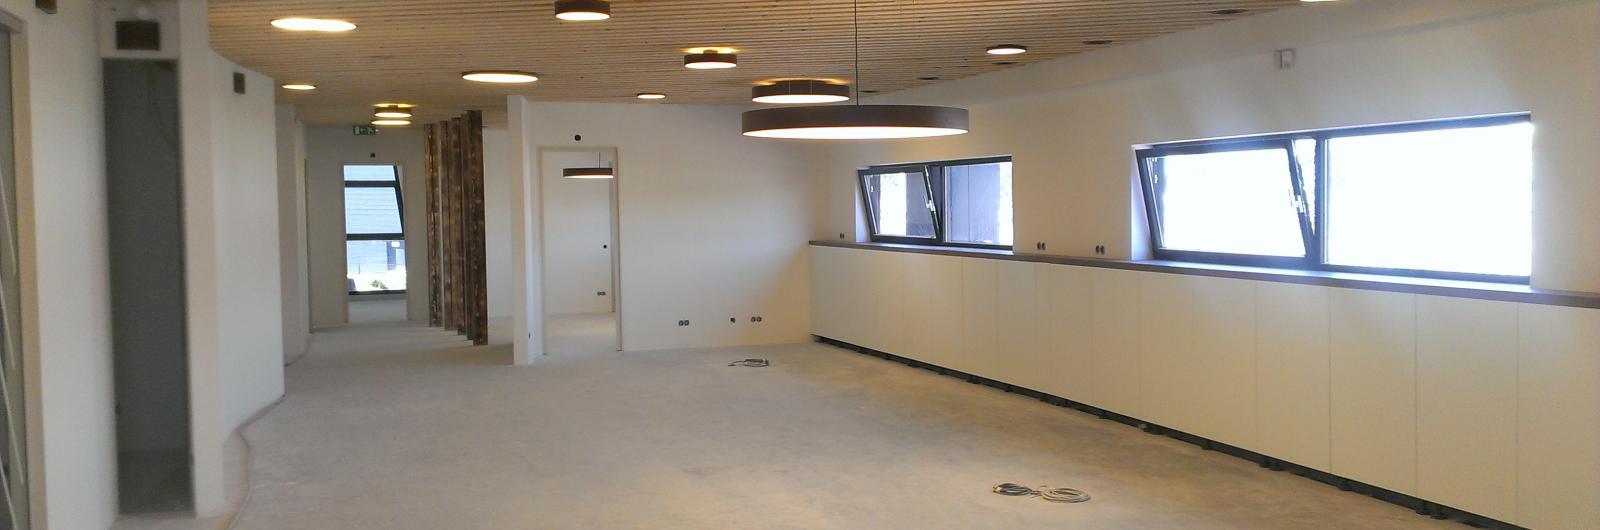 Interieur kantoor Oosterhout